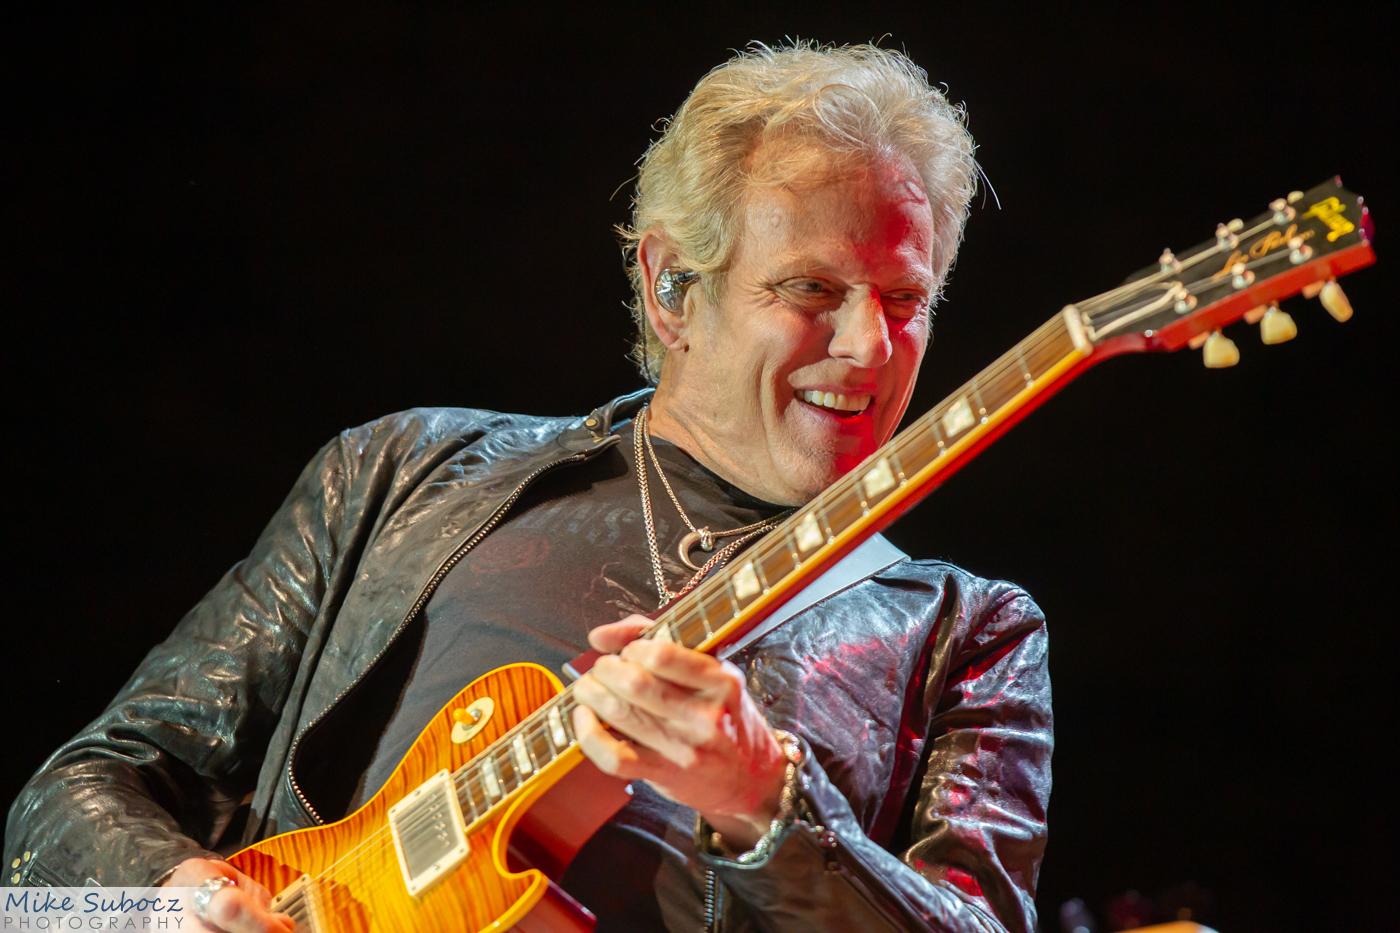 Don Felder Concert Image